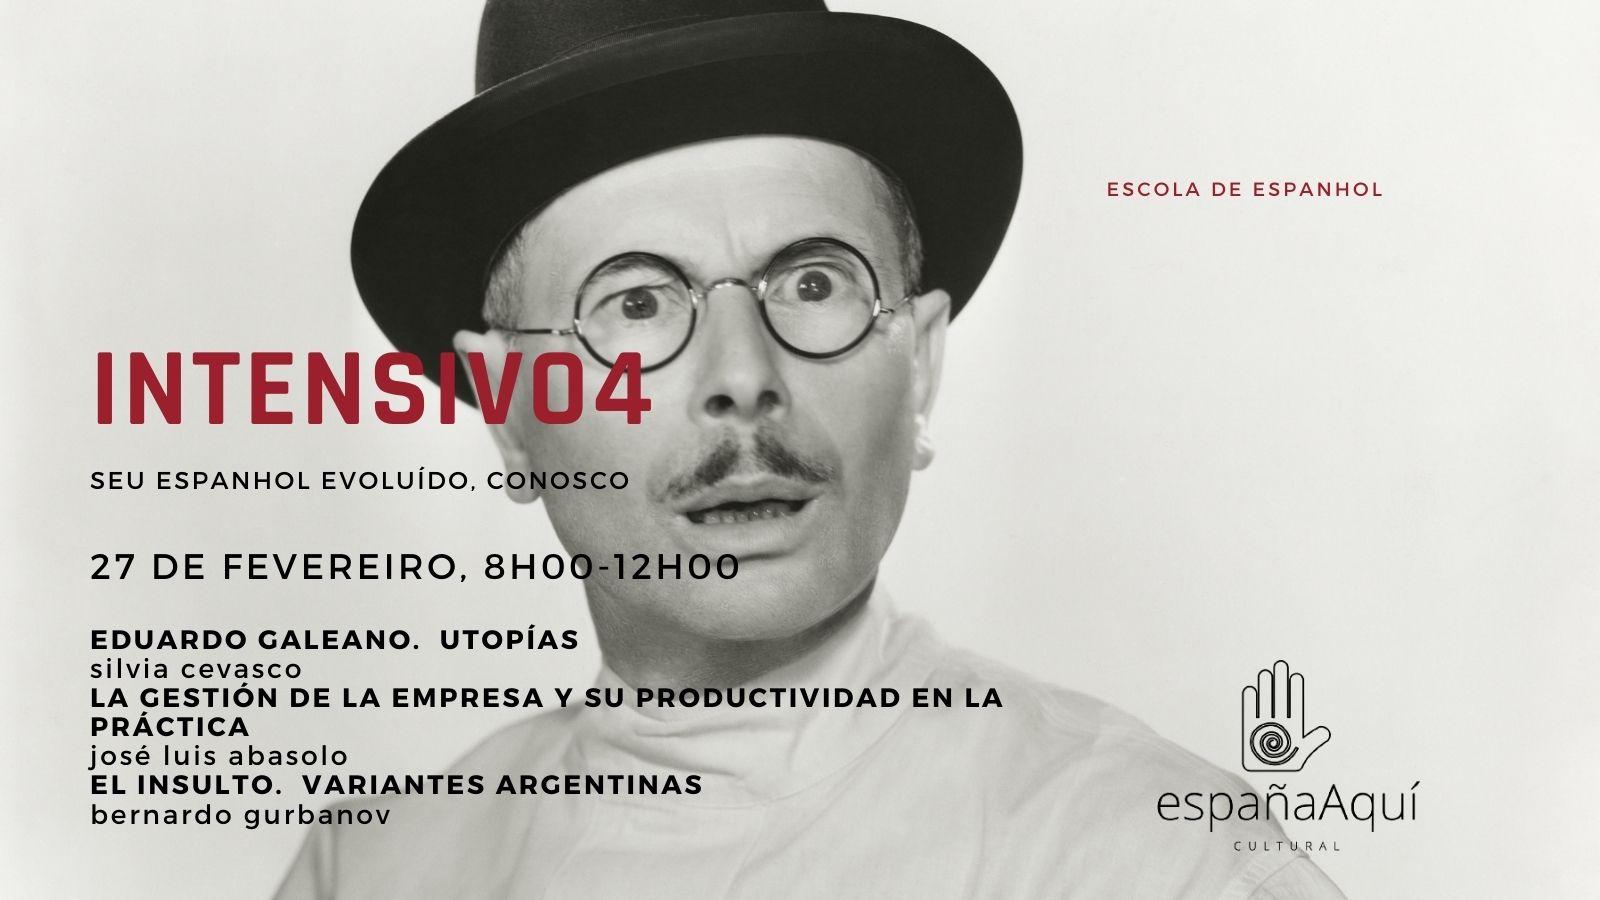 http://www.espanaaqui.com.br/pdf/fevereiro%202021/C%c3%b3pia%20de%20intensivo4.%20%2027%20de%20fevereiro.jpg